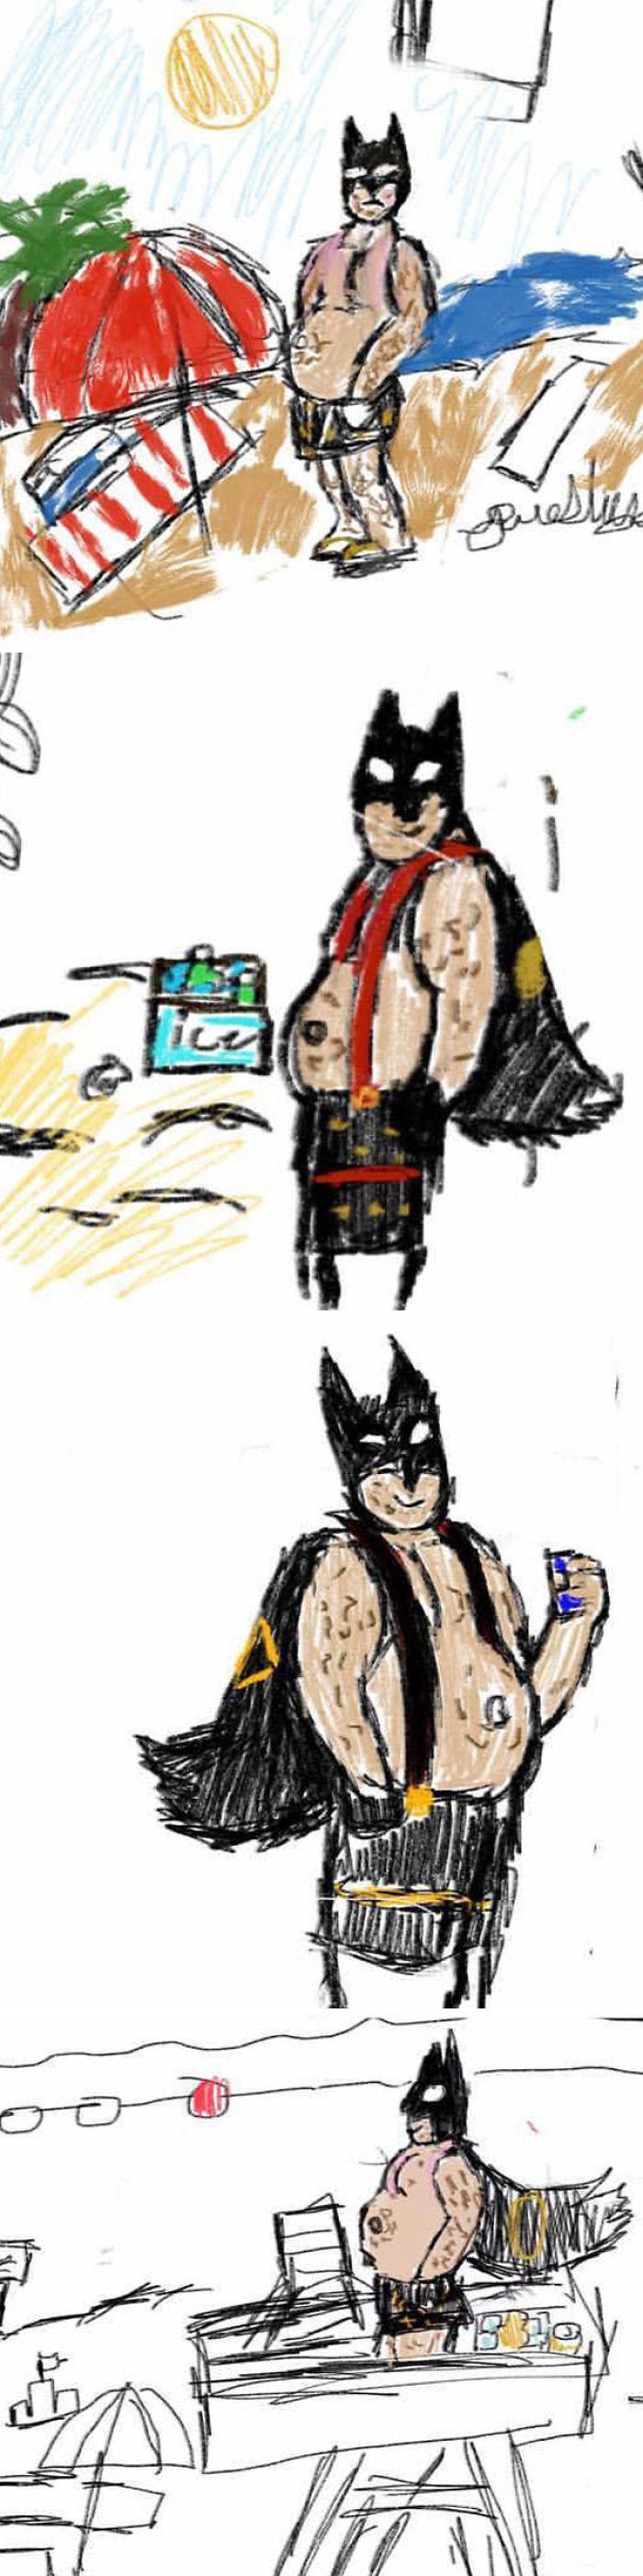 Mi hija de 11 años ha empezado a dibujar a Batman gordo y de mediana edad en la playa